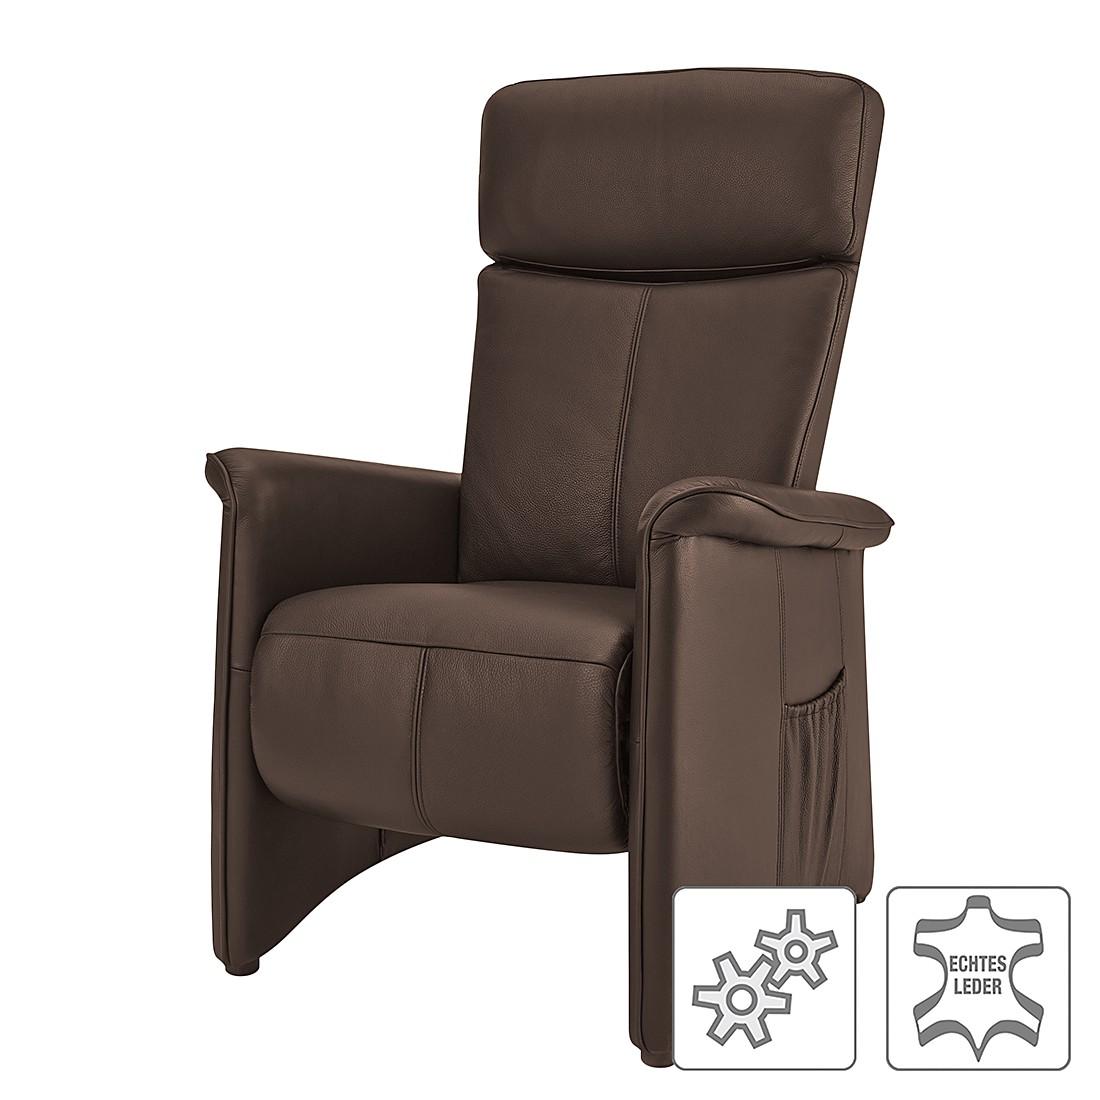 Relaxsessel Wynton – Echtleder – Einmotorige Verstellung – Braun, Nuovoform günstig kaufen